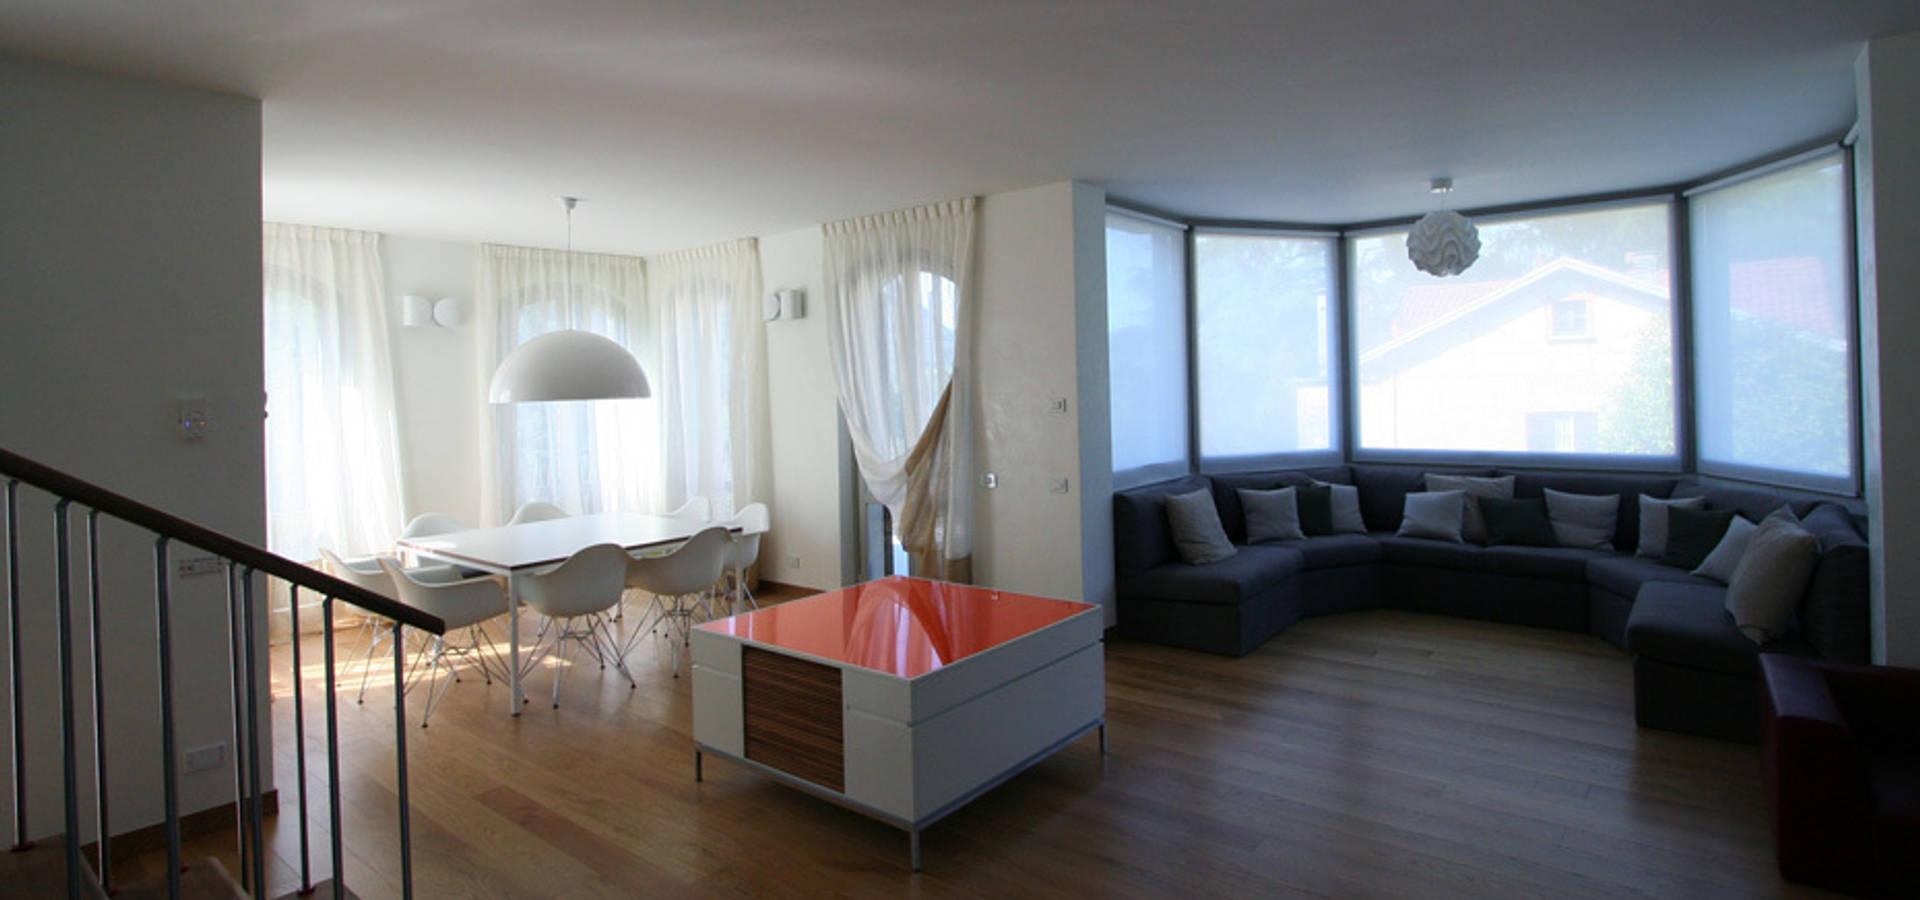 Emilia barilli studio di architettura architetti a milano for Studi di architettura